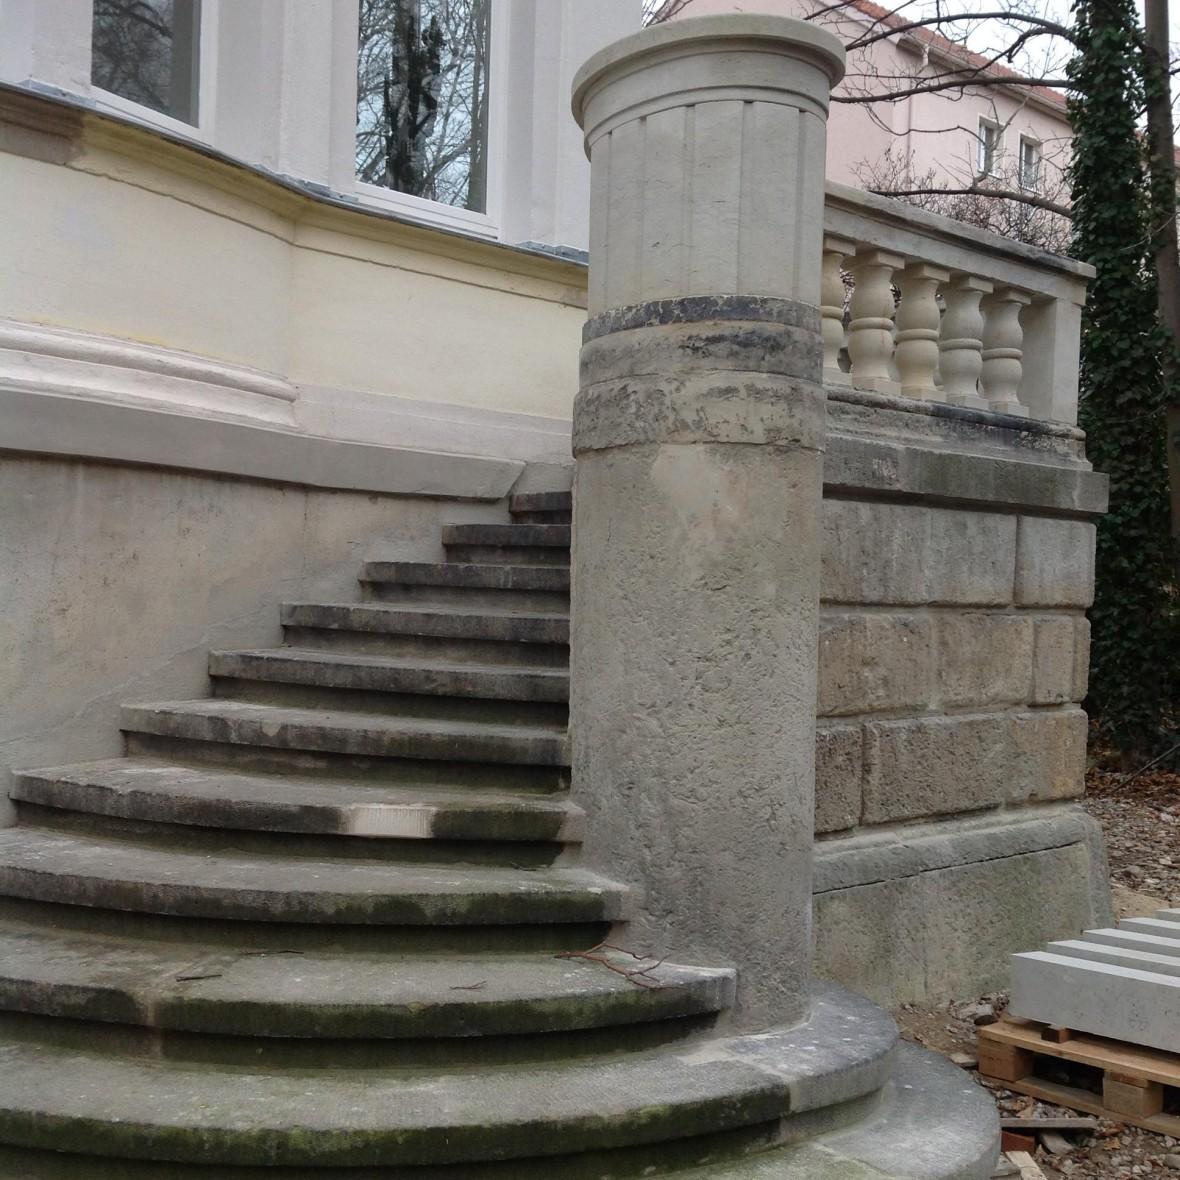 Villa-Dresden-Treppenarbeiten-nachher_Bild-2